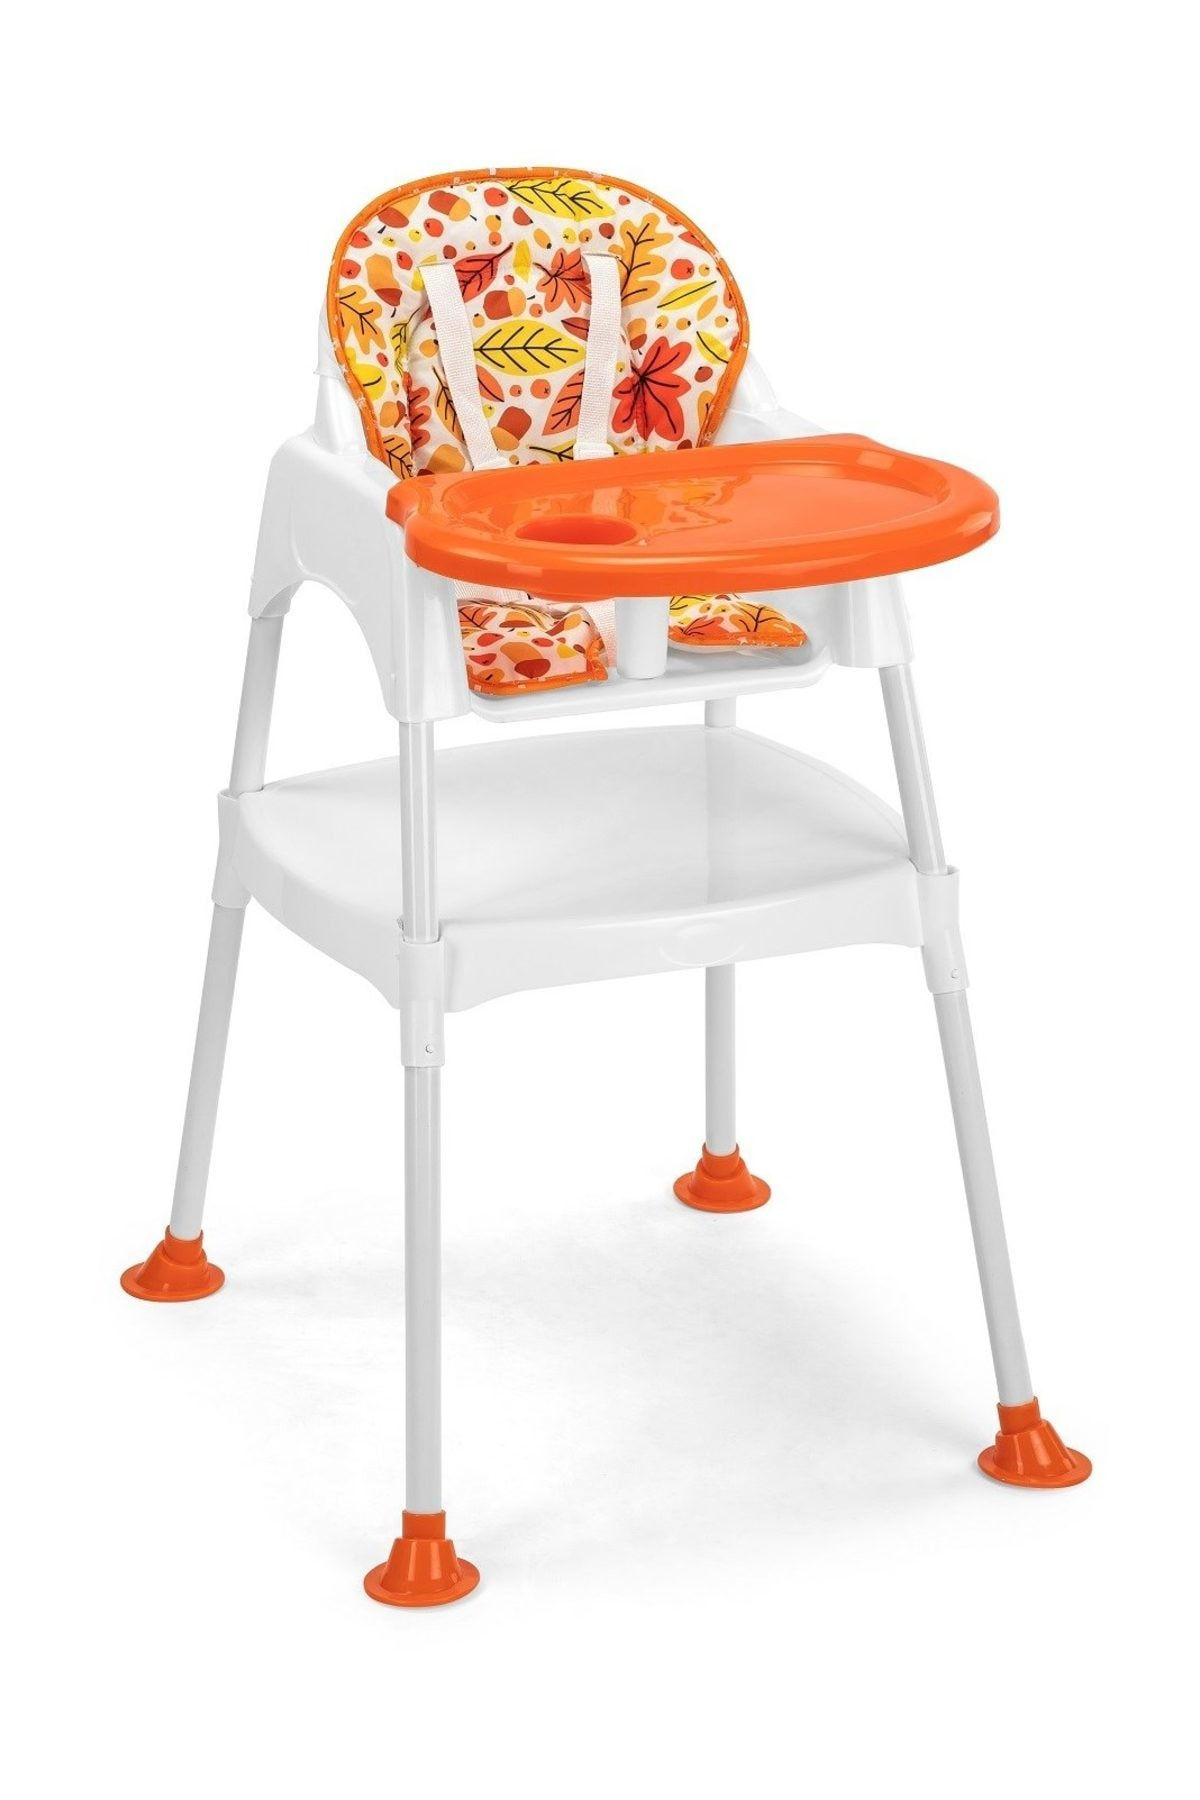 TinyCare TinyCare çalışma masalı kılıflı portatif mama sandalyesi 1